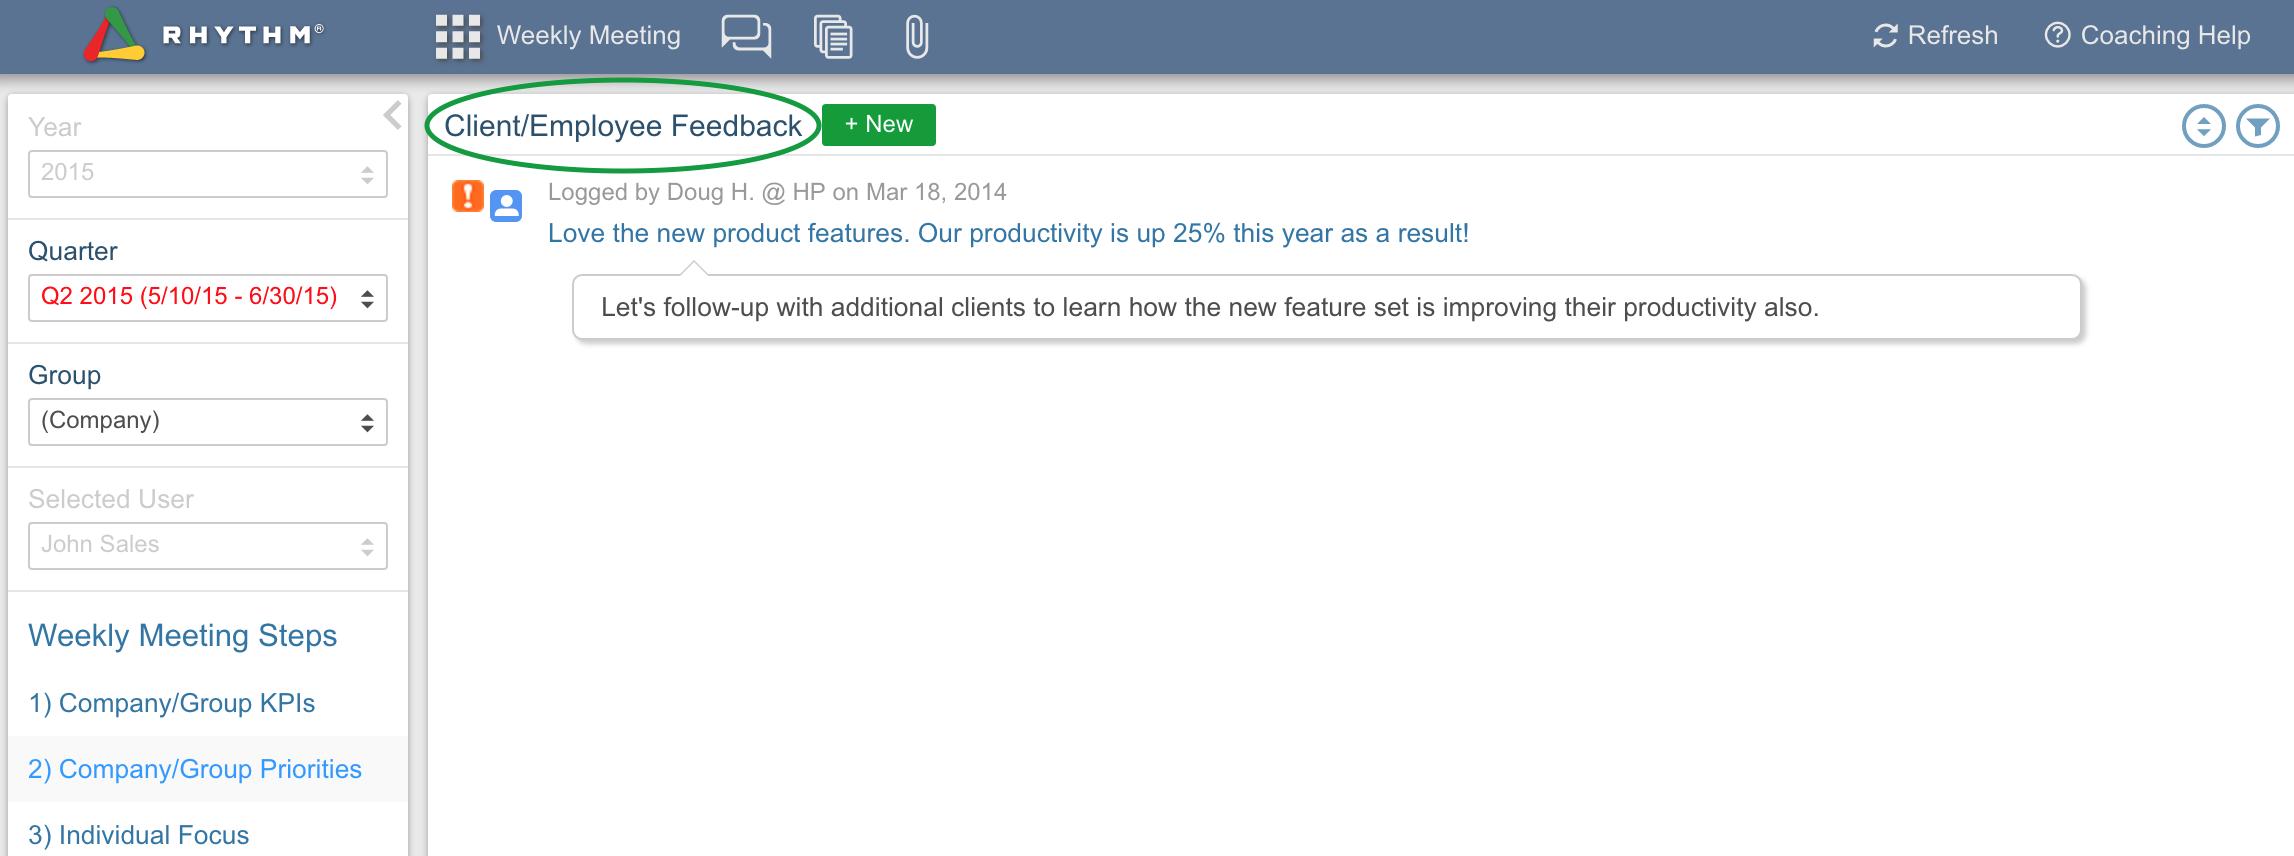 Client_Employee_Feedback_MRH_SEO